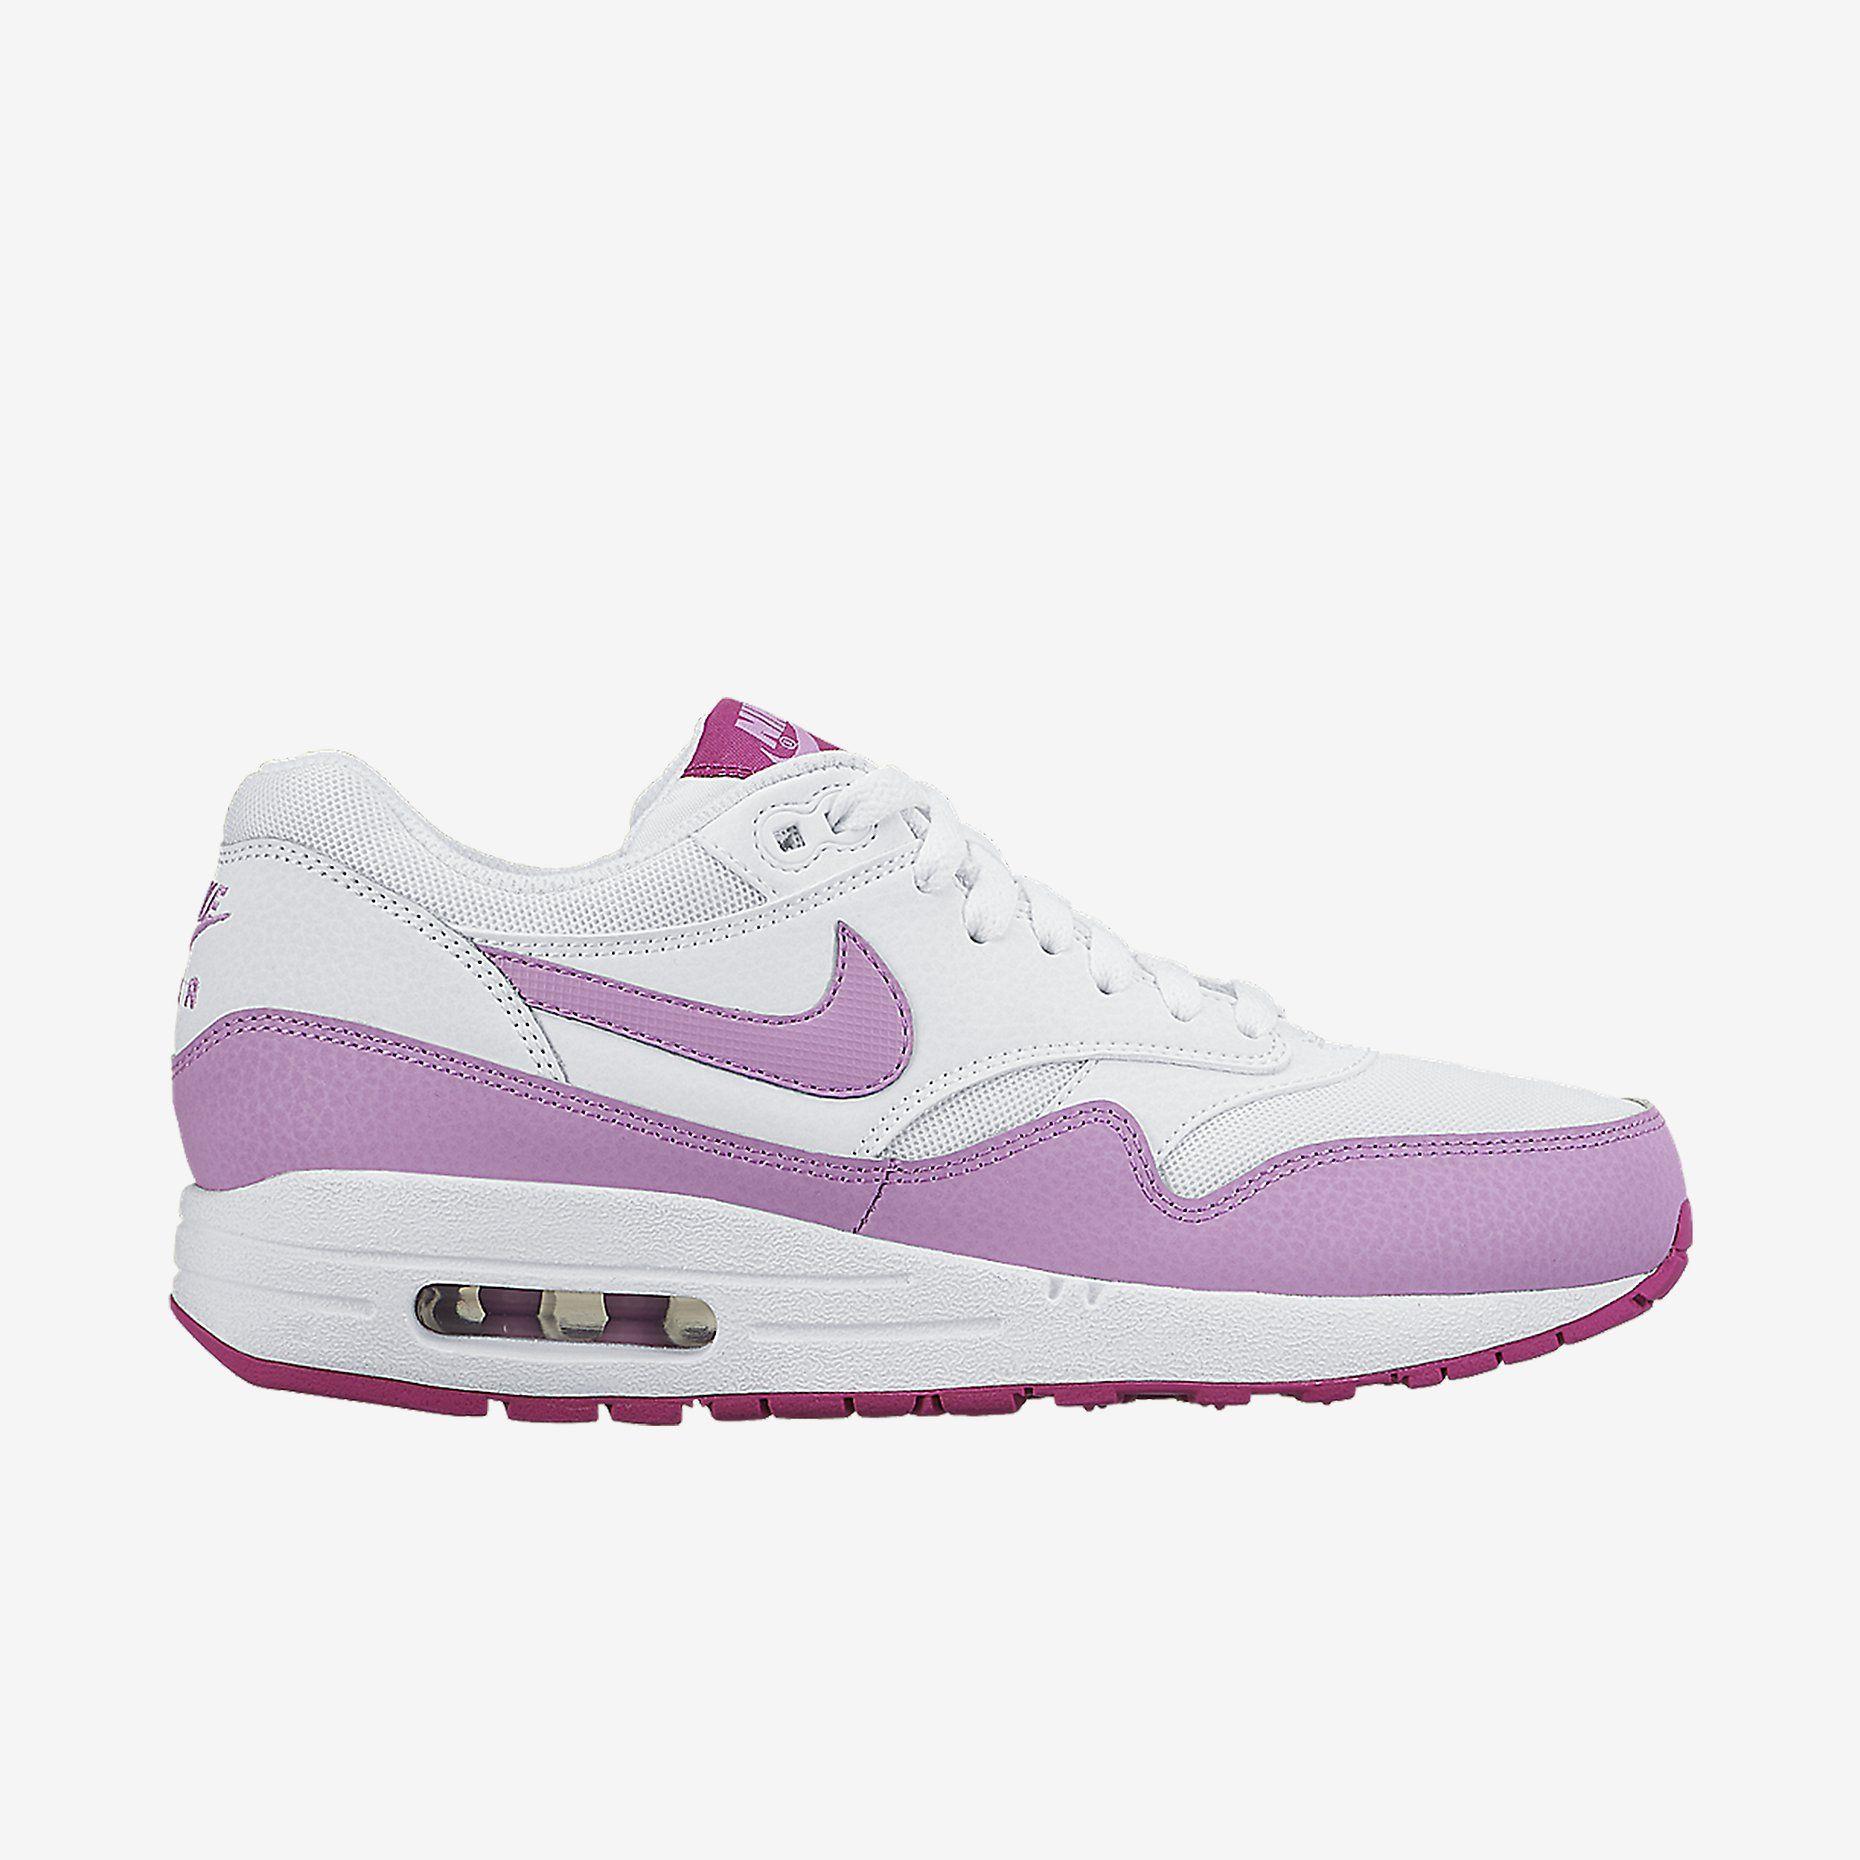 f62cf574ae0 Nike Air Max 1 Essential